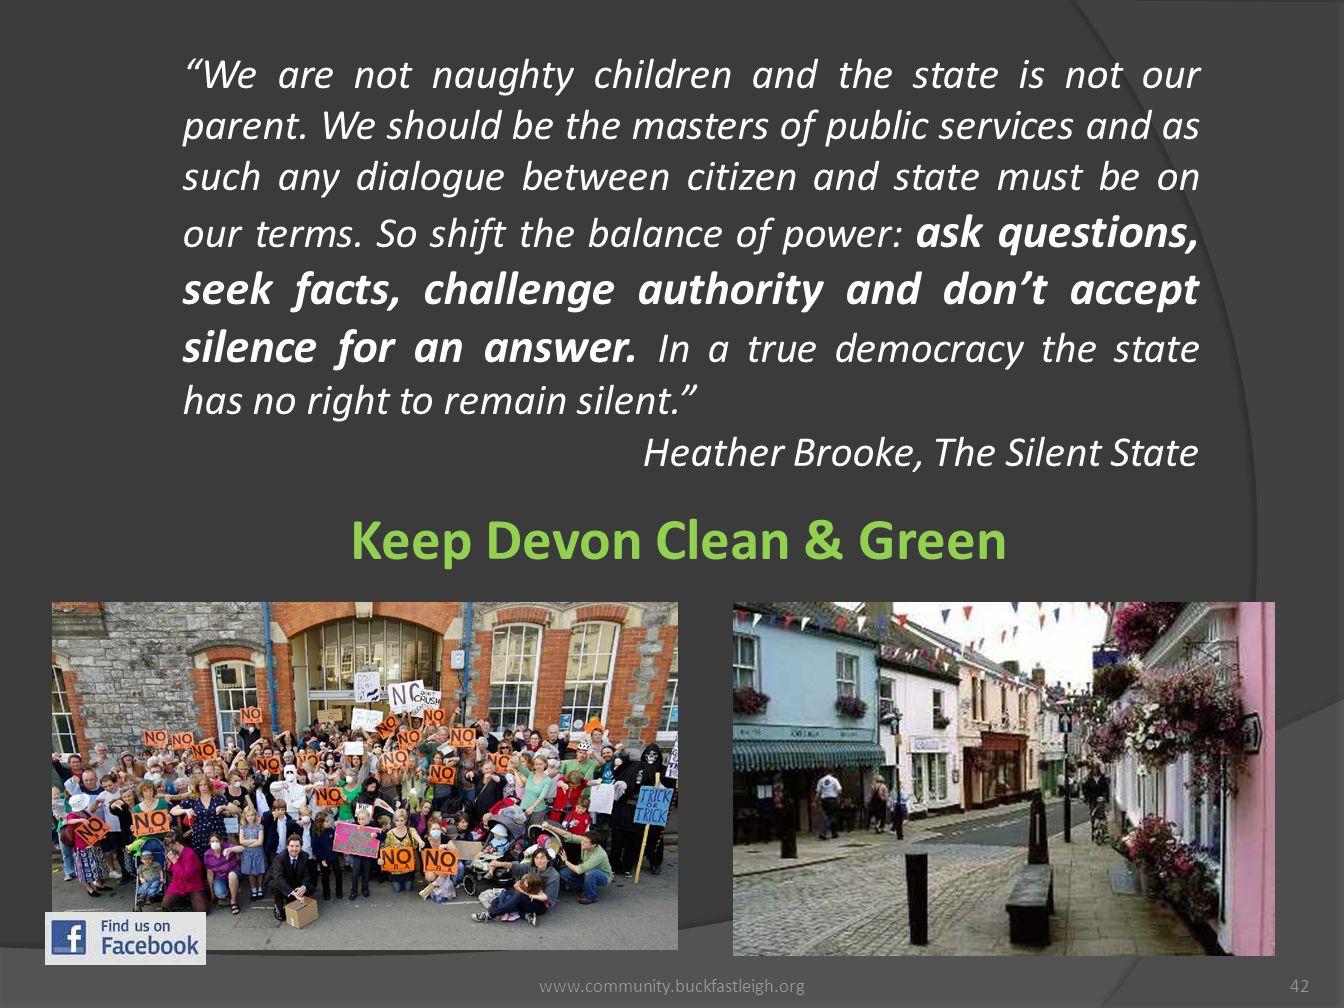 Keep Devon Clean & Green